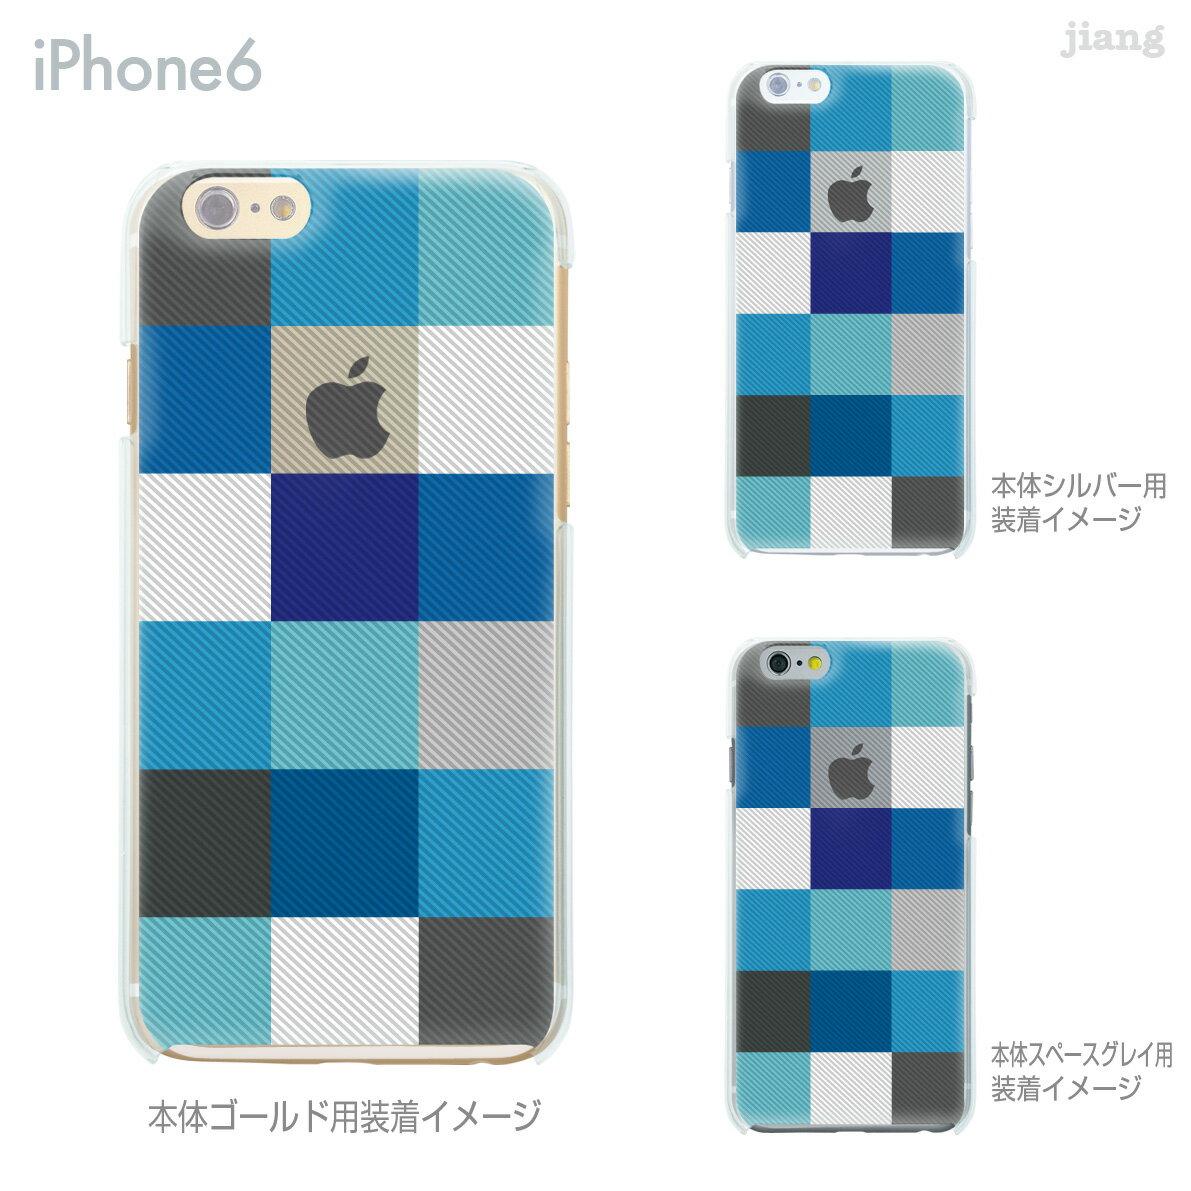 iPhoneX iPhone X ケース iPhone8 iPhone7ケース iPhone7 Plus iPhone6s iPhone6 Plus iphone ハードケース Clear Arts ケース カバー スマホケース クリアケース チェック柄 06-ip6-ca0032bl-s